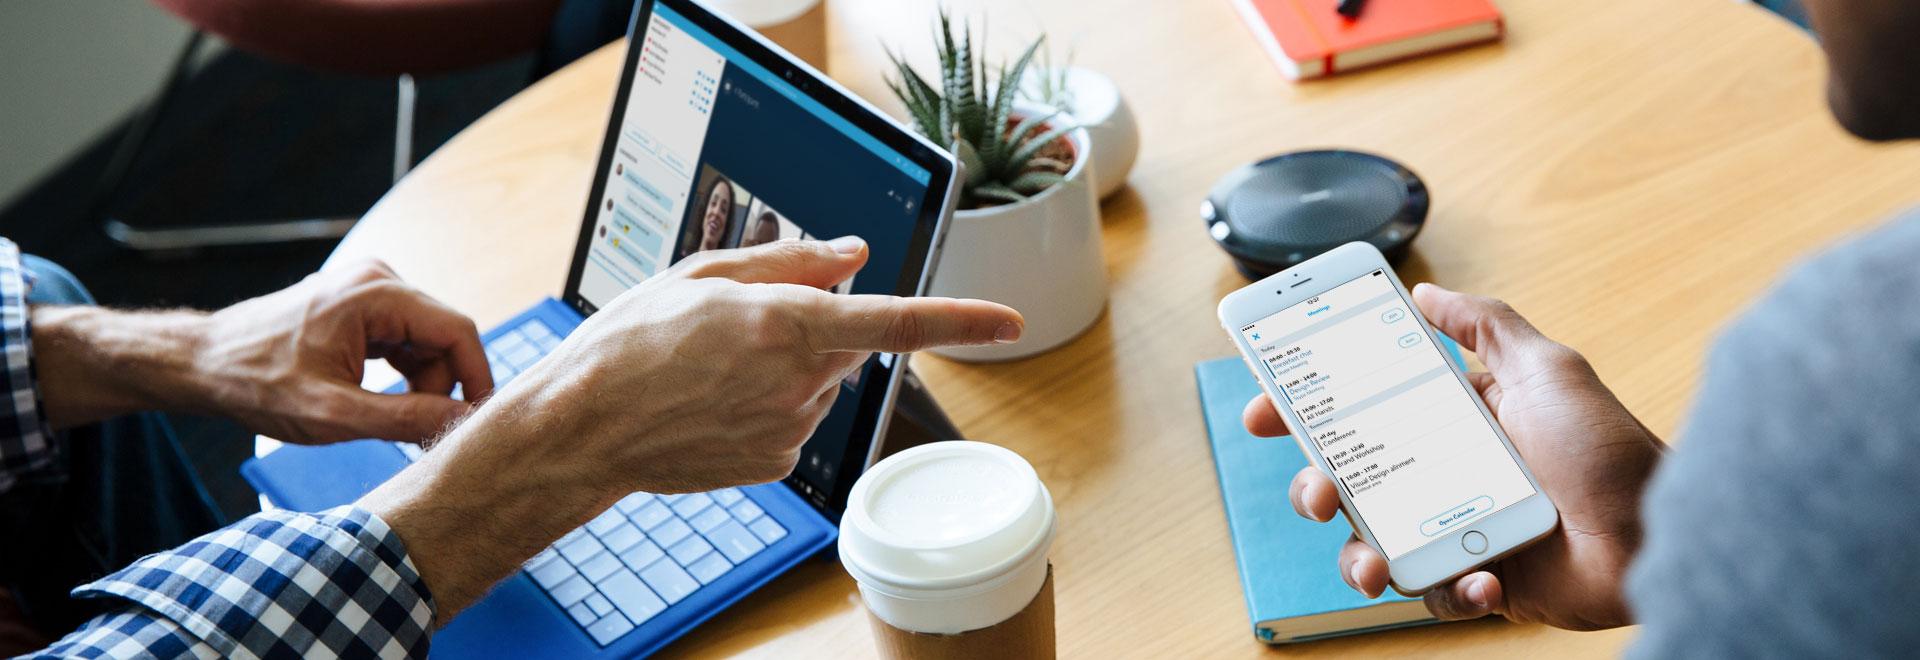 Dve osobe rade za stolom, jedna na telefonu, a druga na laptopu pomoću programa Skype za posao